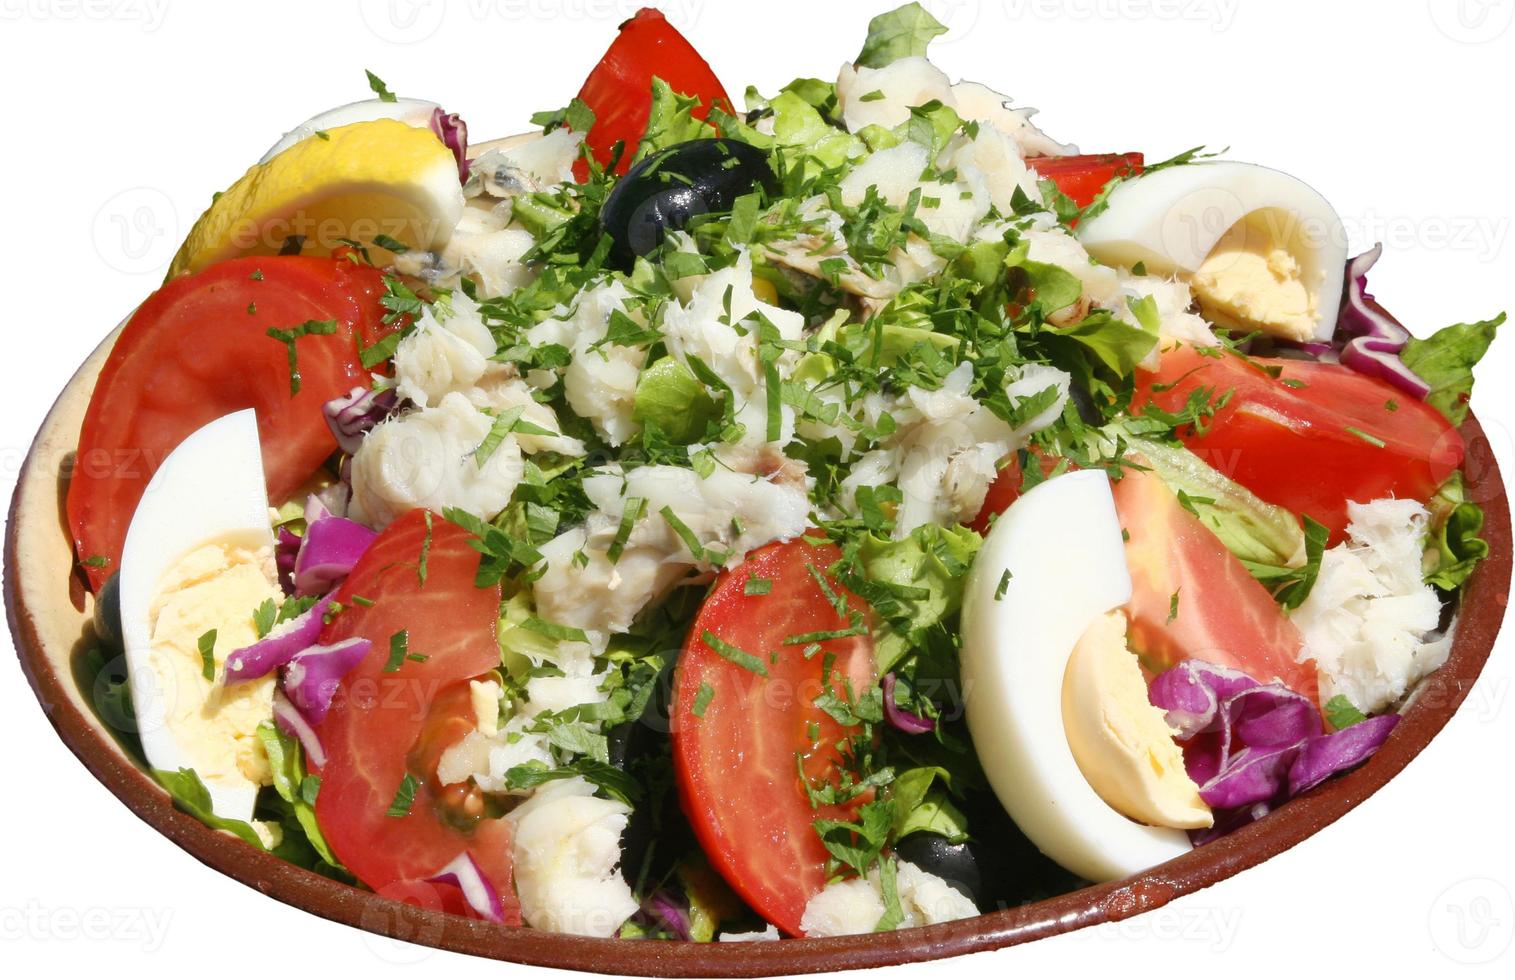 salada temperada fresca com legumes, ovos, tomates e ervas. foto